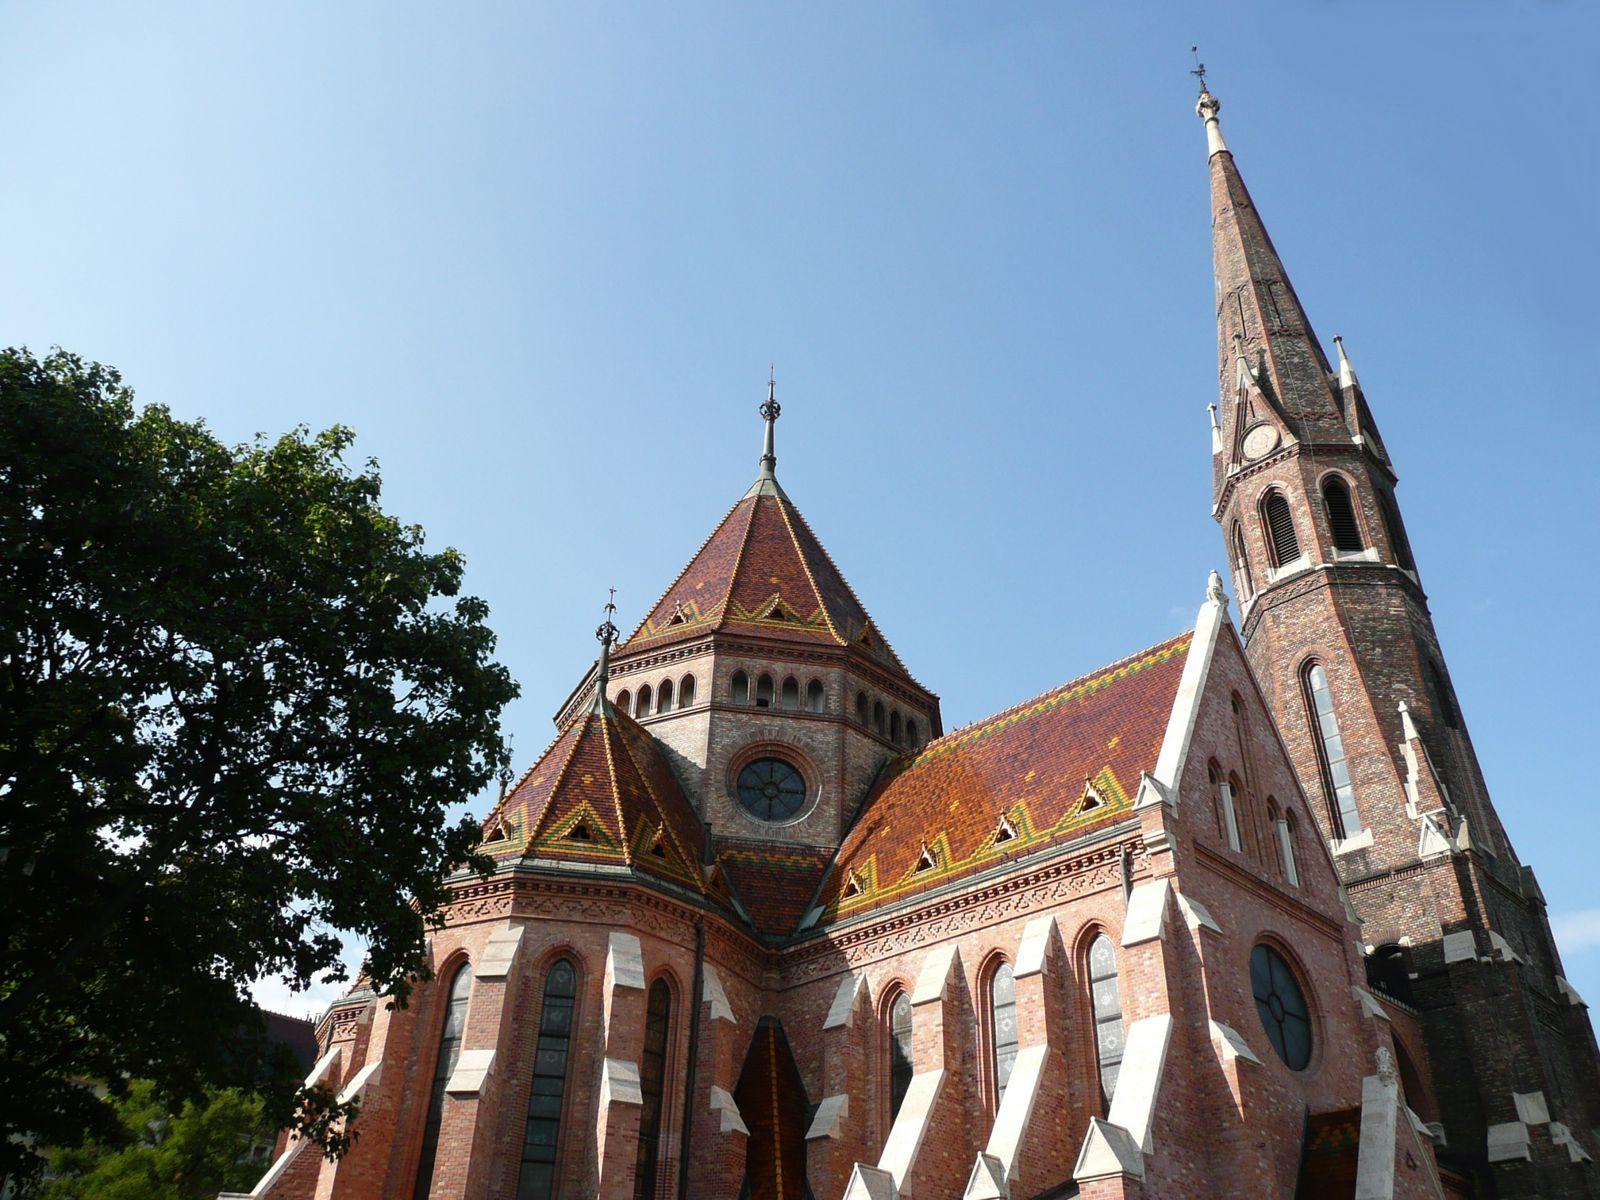 Eglise-r-form-e-de-Buda--4--copie-1.jpg